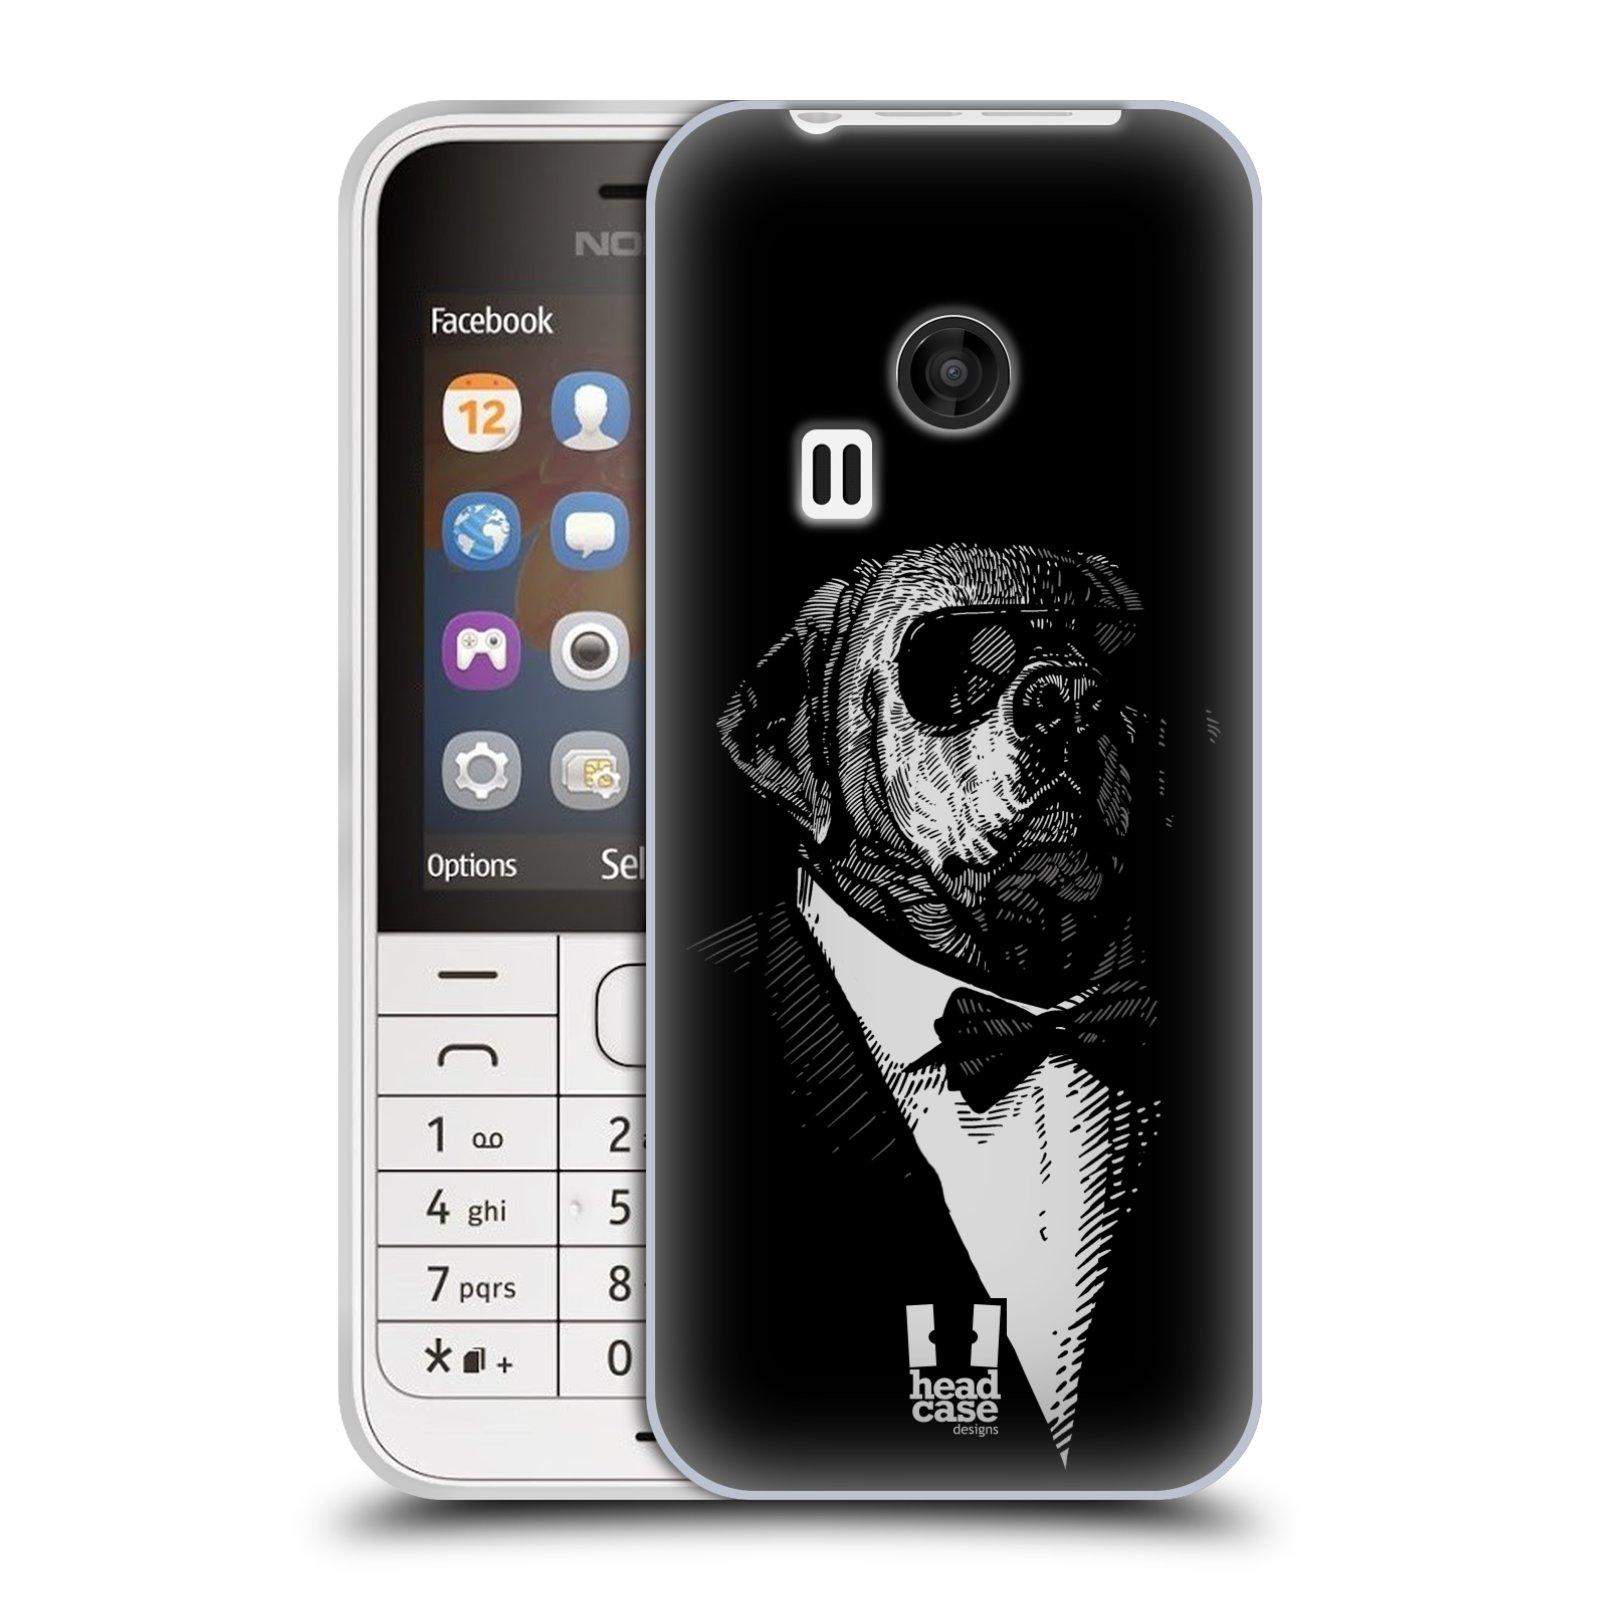 HEAD CASE silikonový obal na mobil NOKIA 220 / NOKIA 220 DUAL SIM vzor Zvíře v obleku pes